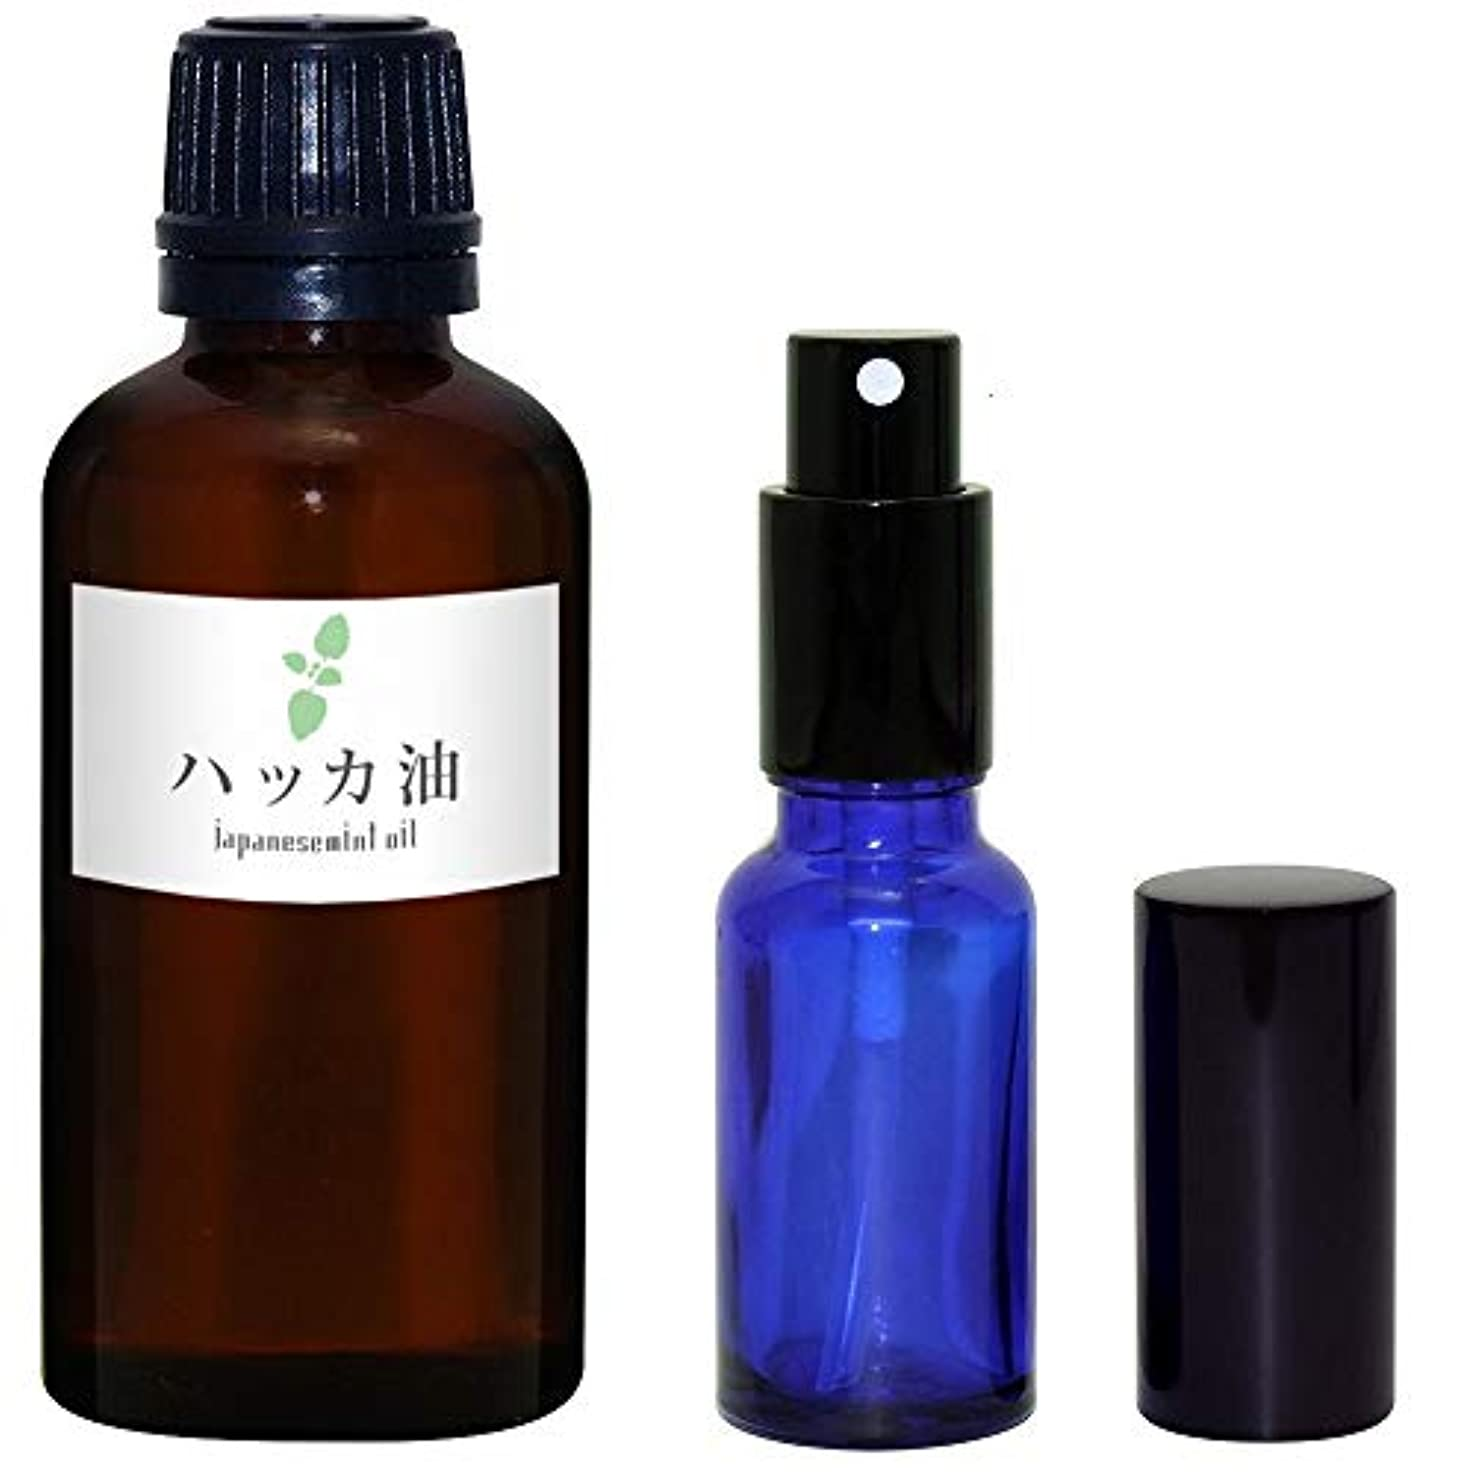 配分付添人襲撃ガレージ?ゼロ ハッカ油 50ml(GZAK15)+ガラス瓶 スプレーボトル20ml/和種薄荷/ジャパニーズミント GSE535